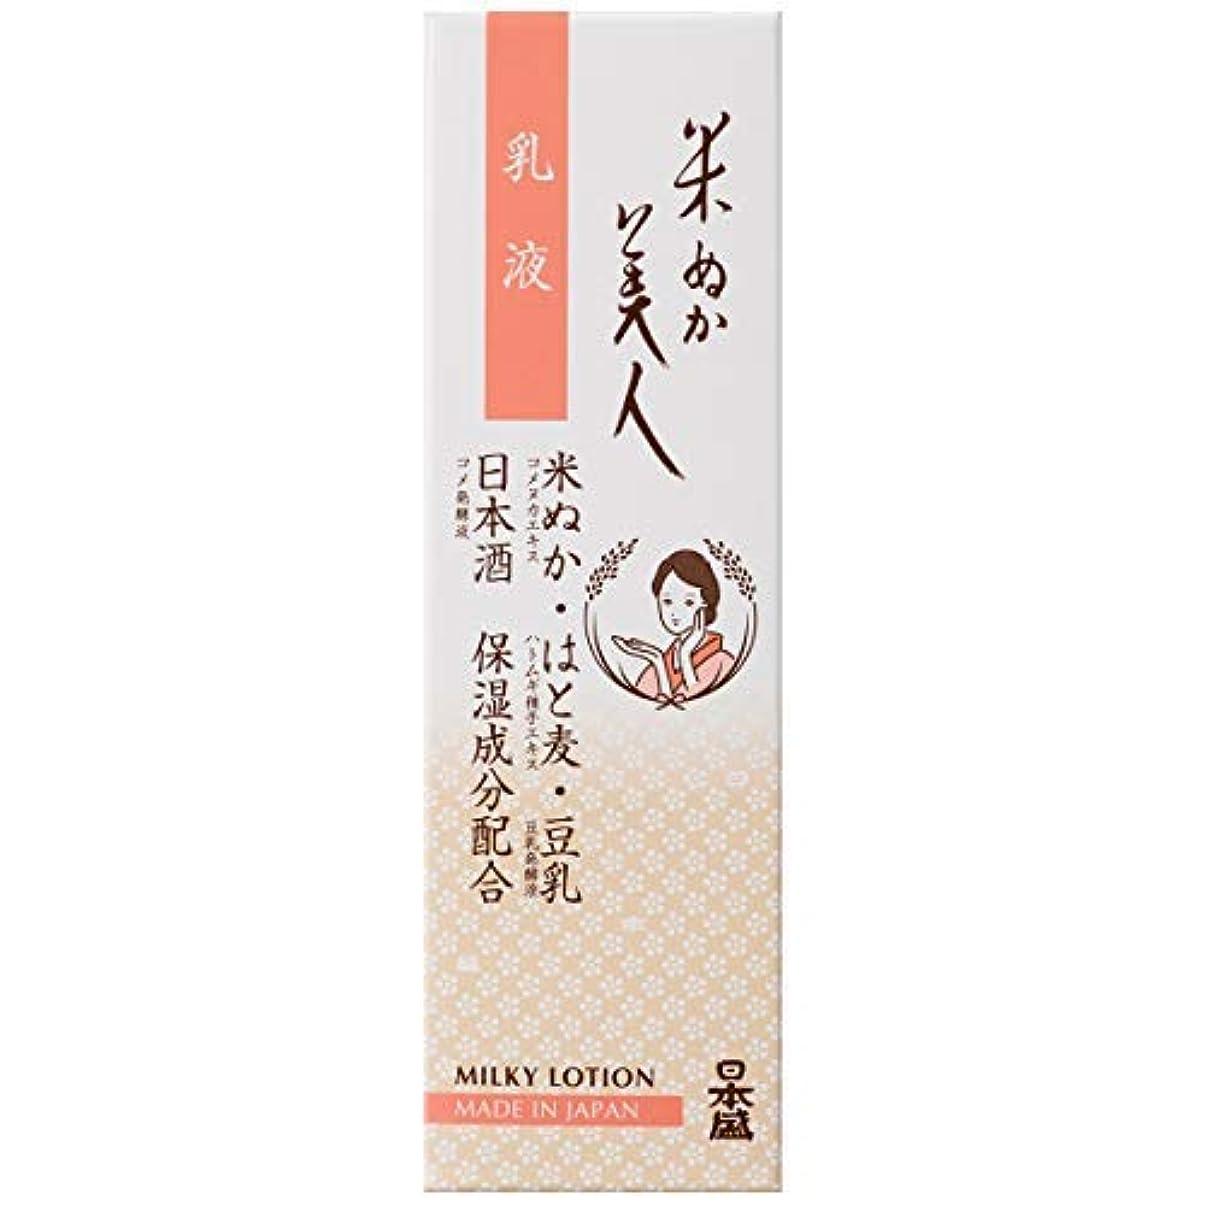 注入曖昧なホップ米ぬか美人 乳液 × 2個セット